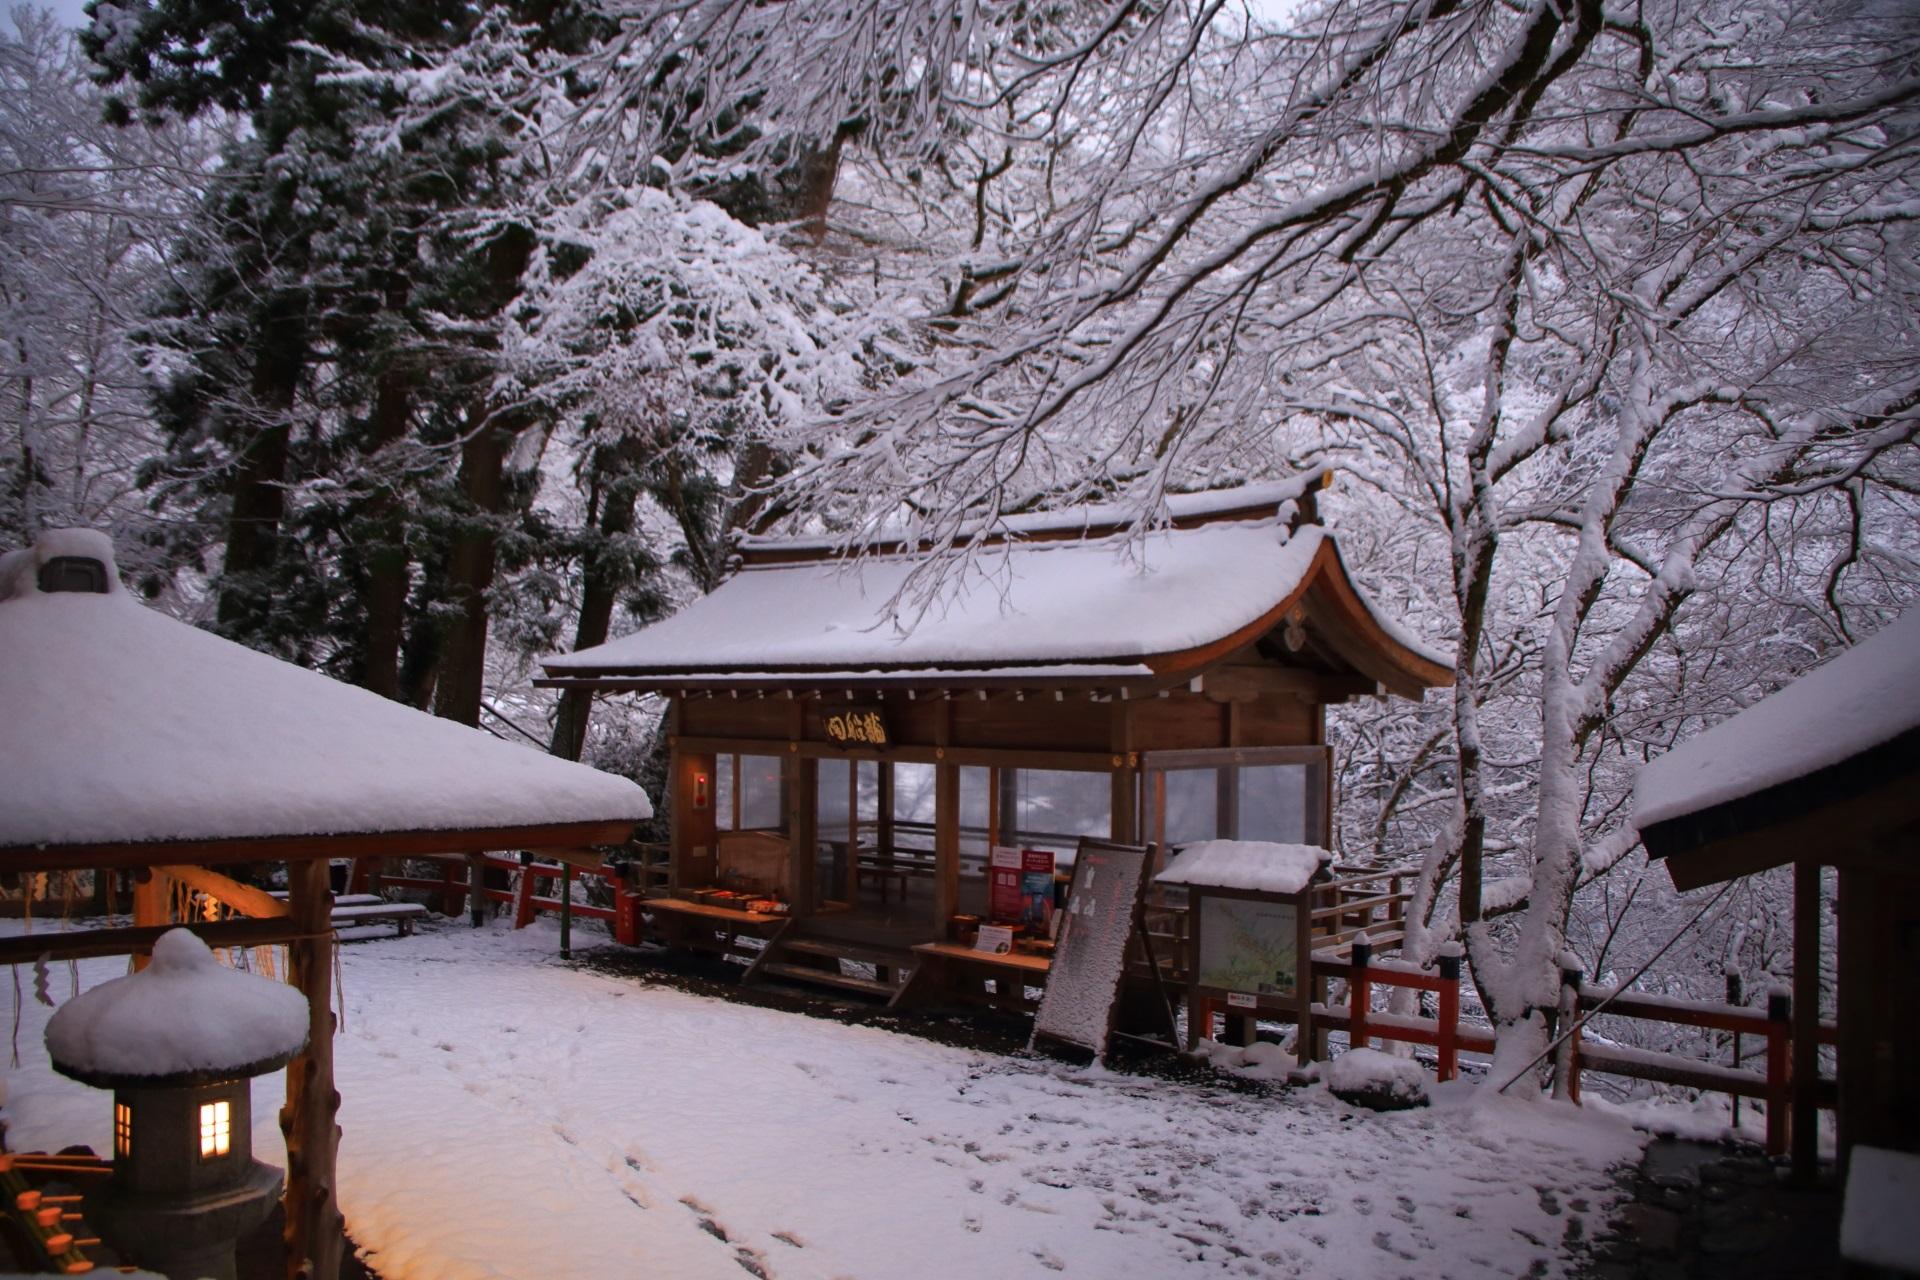 本宮の前から眺めた雪に浮かぶような龍船閣